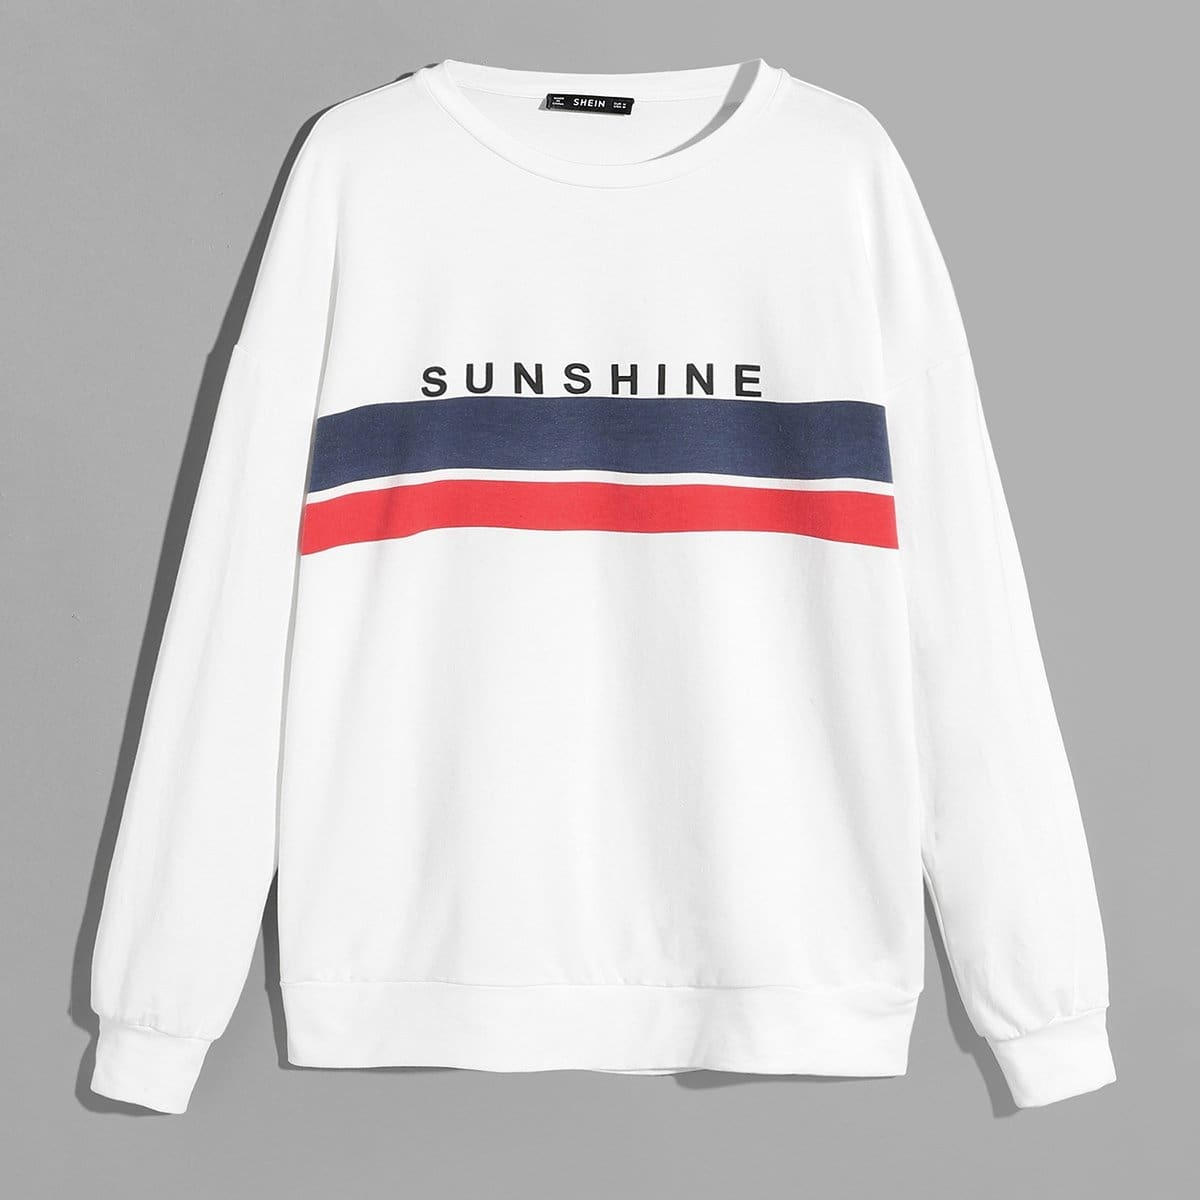 Beige Casual Tekst Sweatshirts voor heren